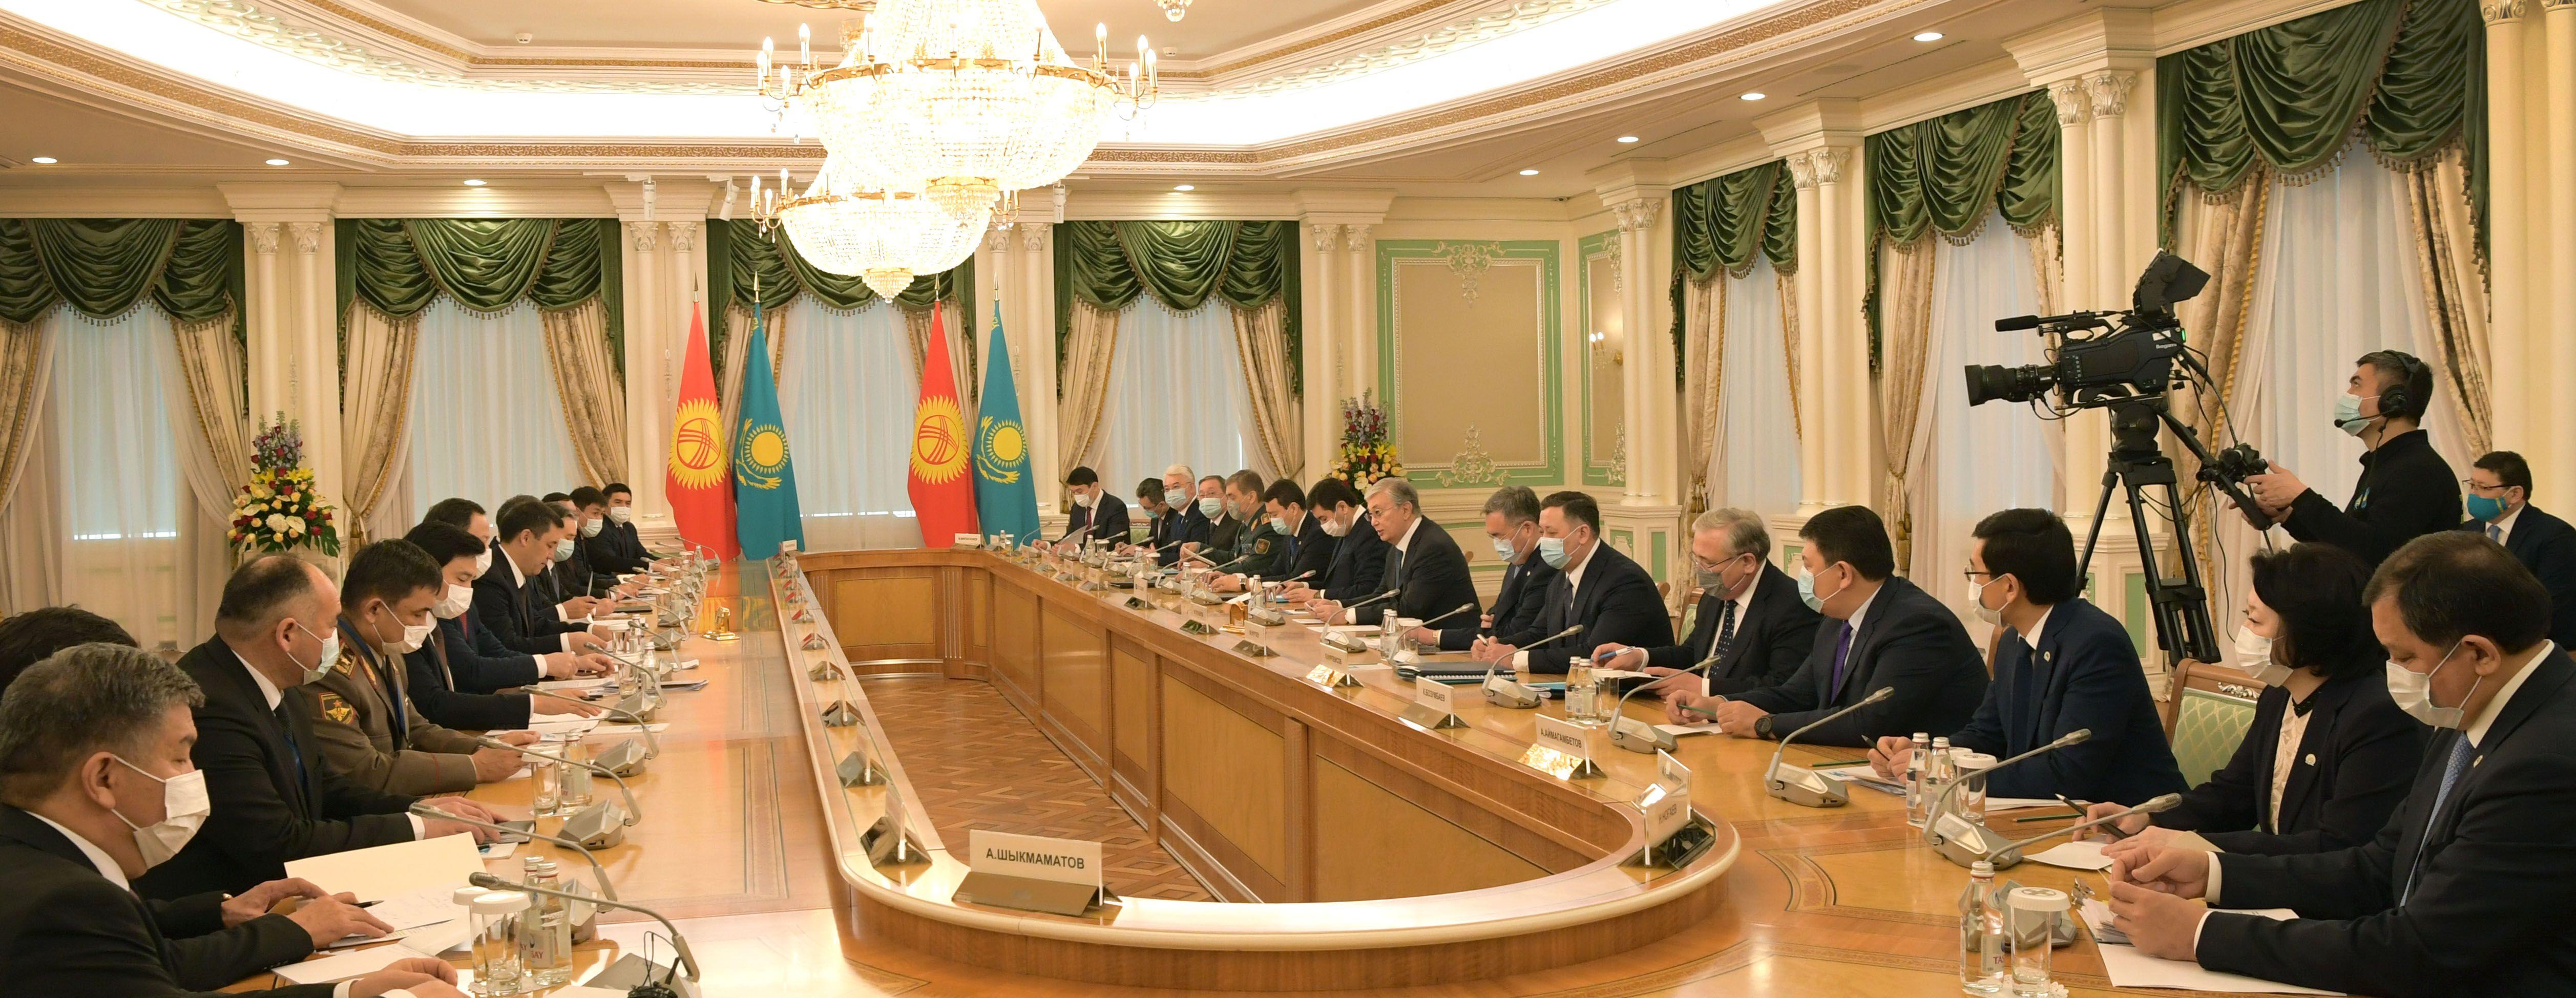 Казахстан и Кыргызстан договорились о расширении деловых связей - Kapital.kz